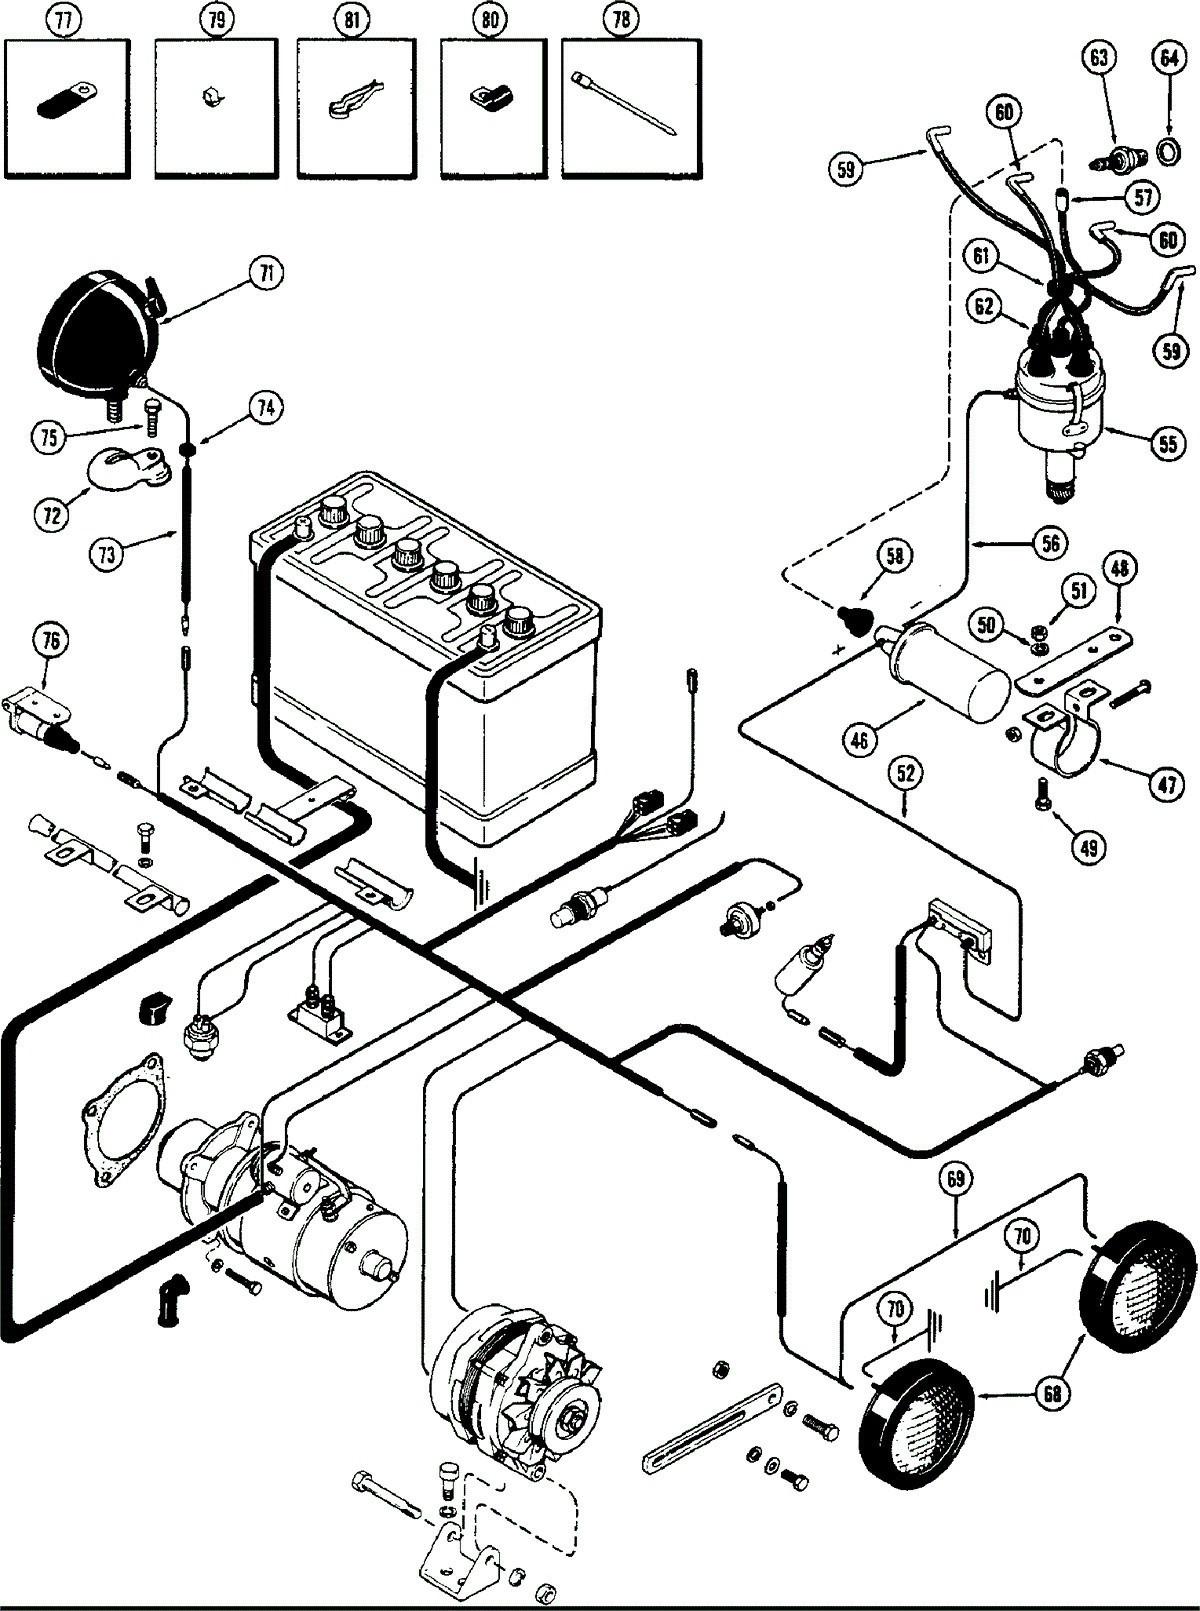 hg_6761] 1070 case wiring diagram schematic wiring  gentot greas benkeme mohammedshrine librar wiring 101